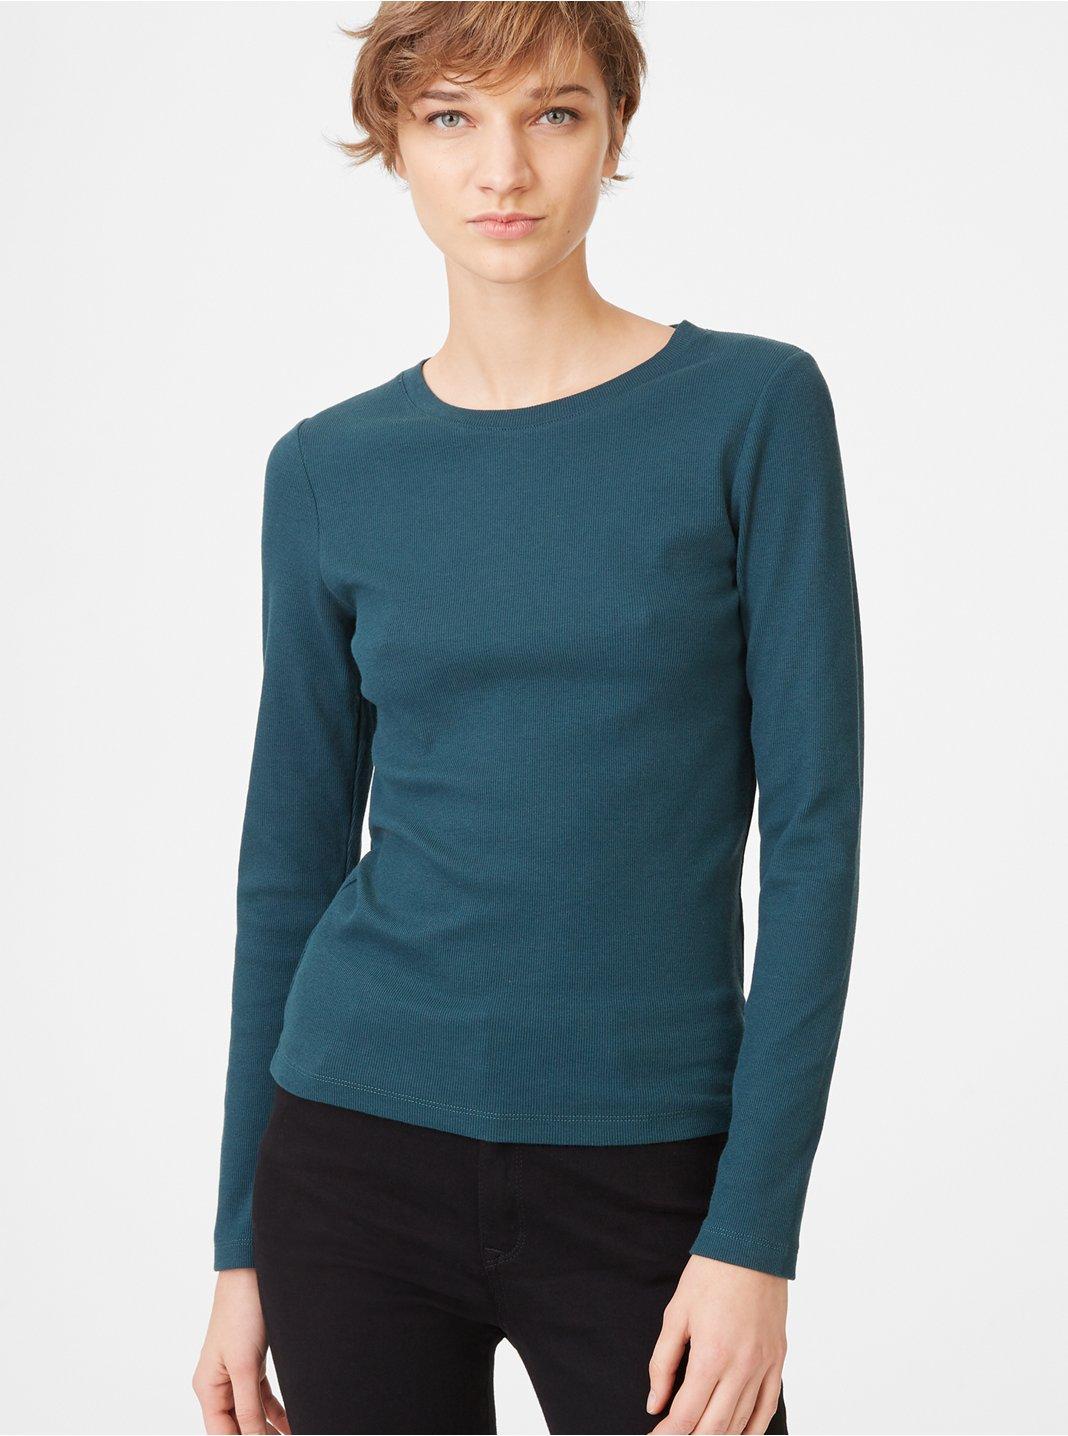 클럽 모나코 Carolena 긴팔 티셔츠 Club Monaco Carolena Top,Dark Emerald